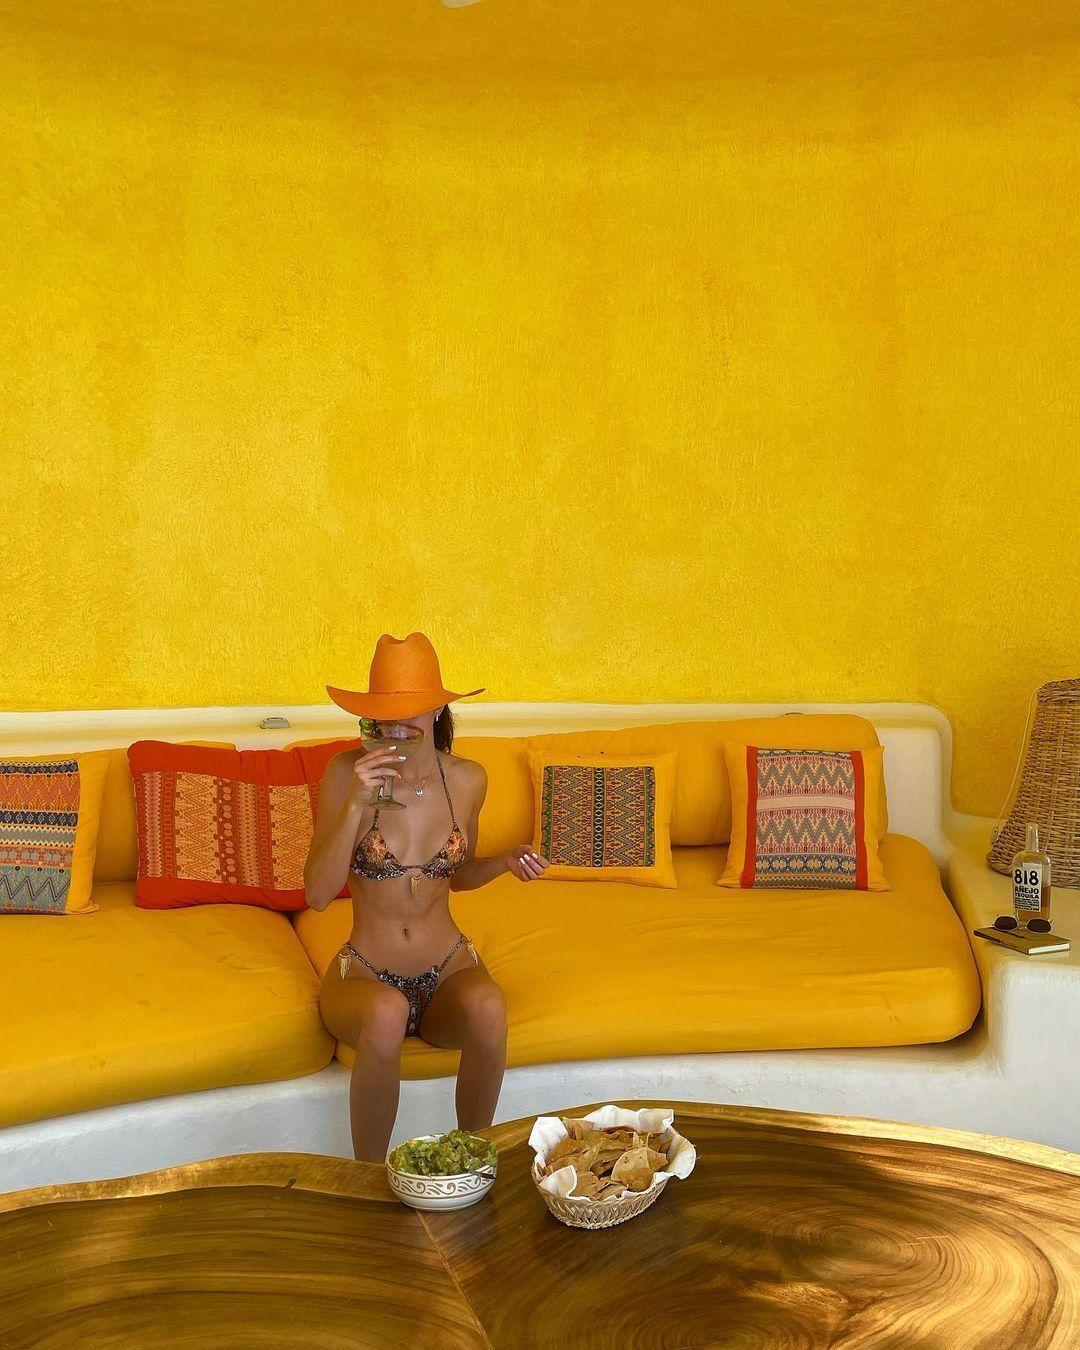 Кендалл Дженнер позирует на фоне желтой стены